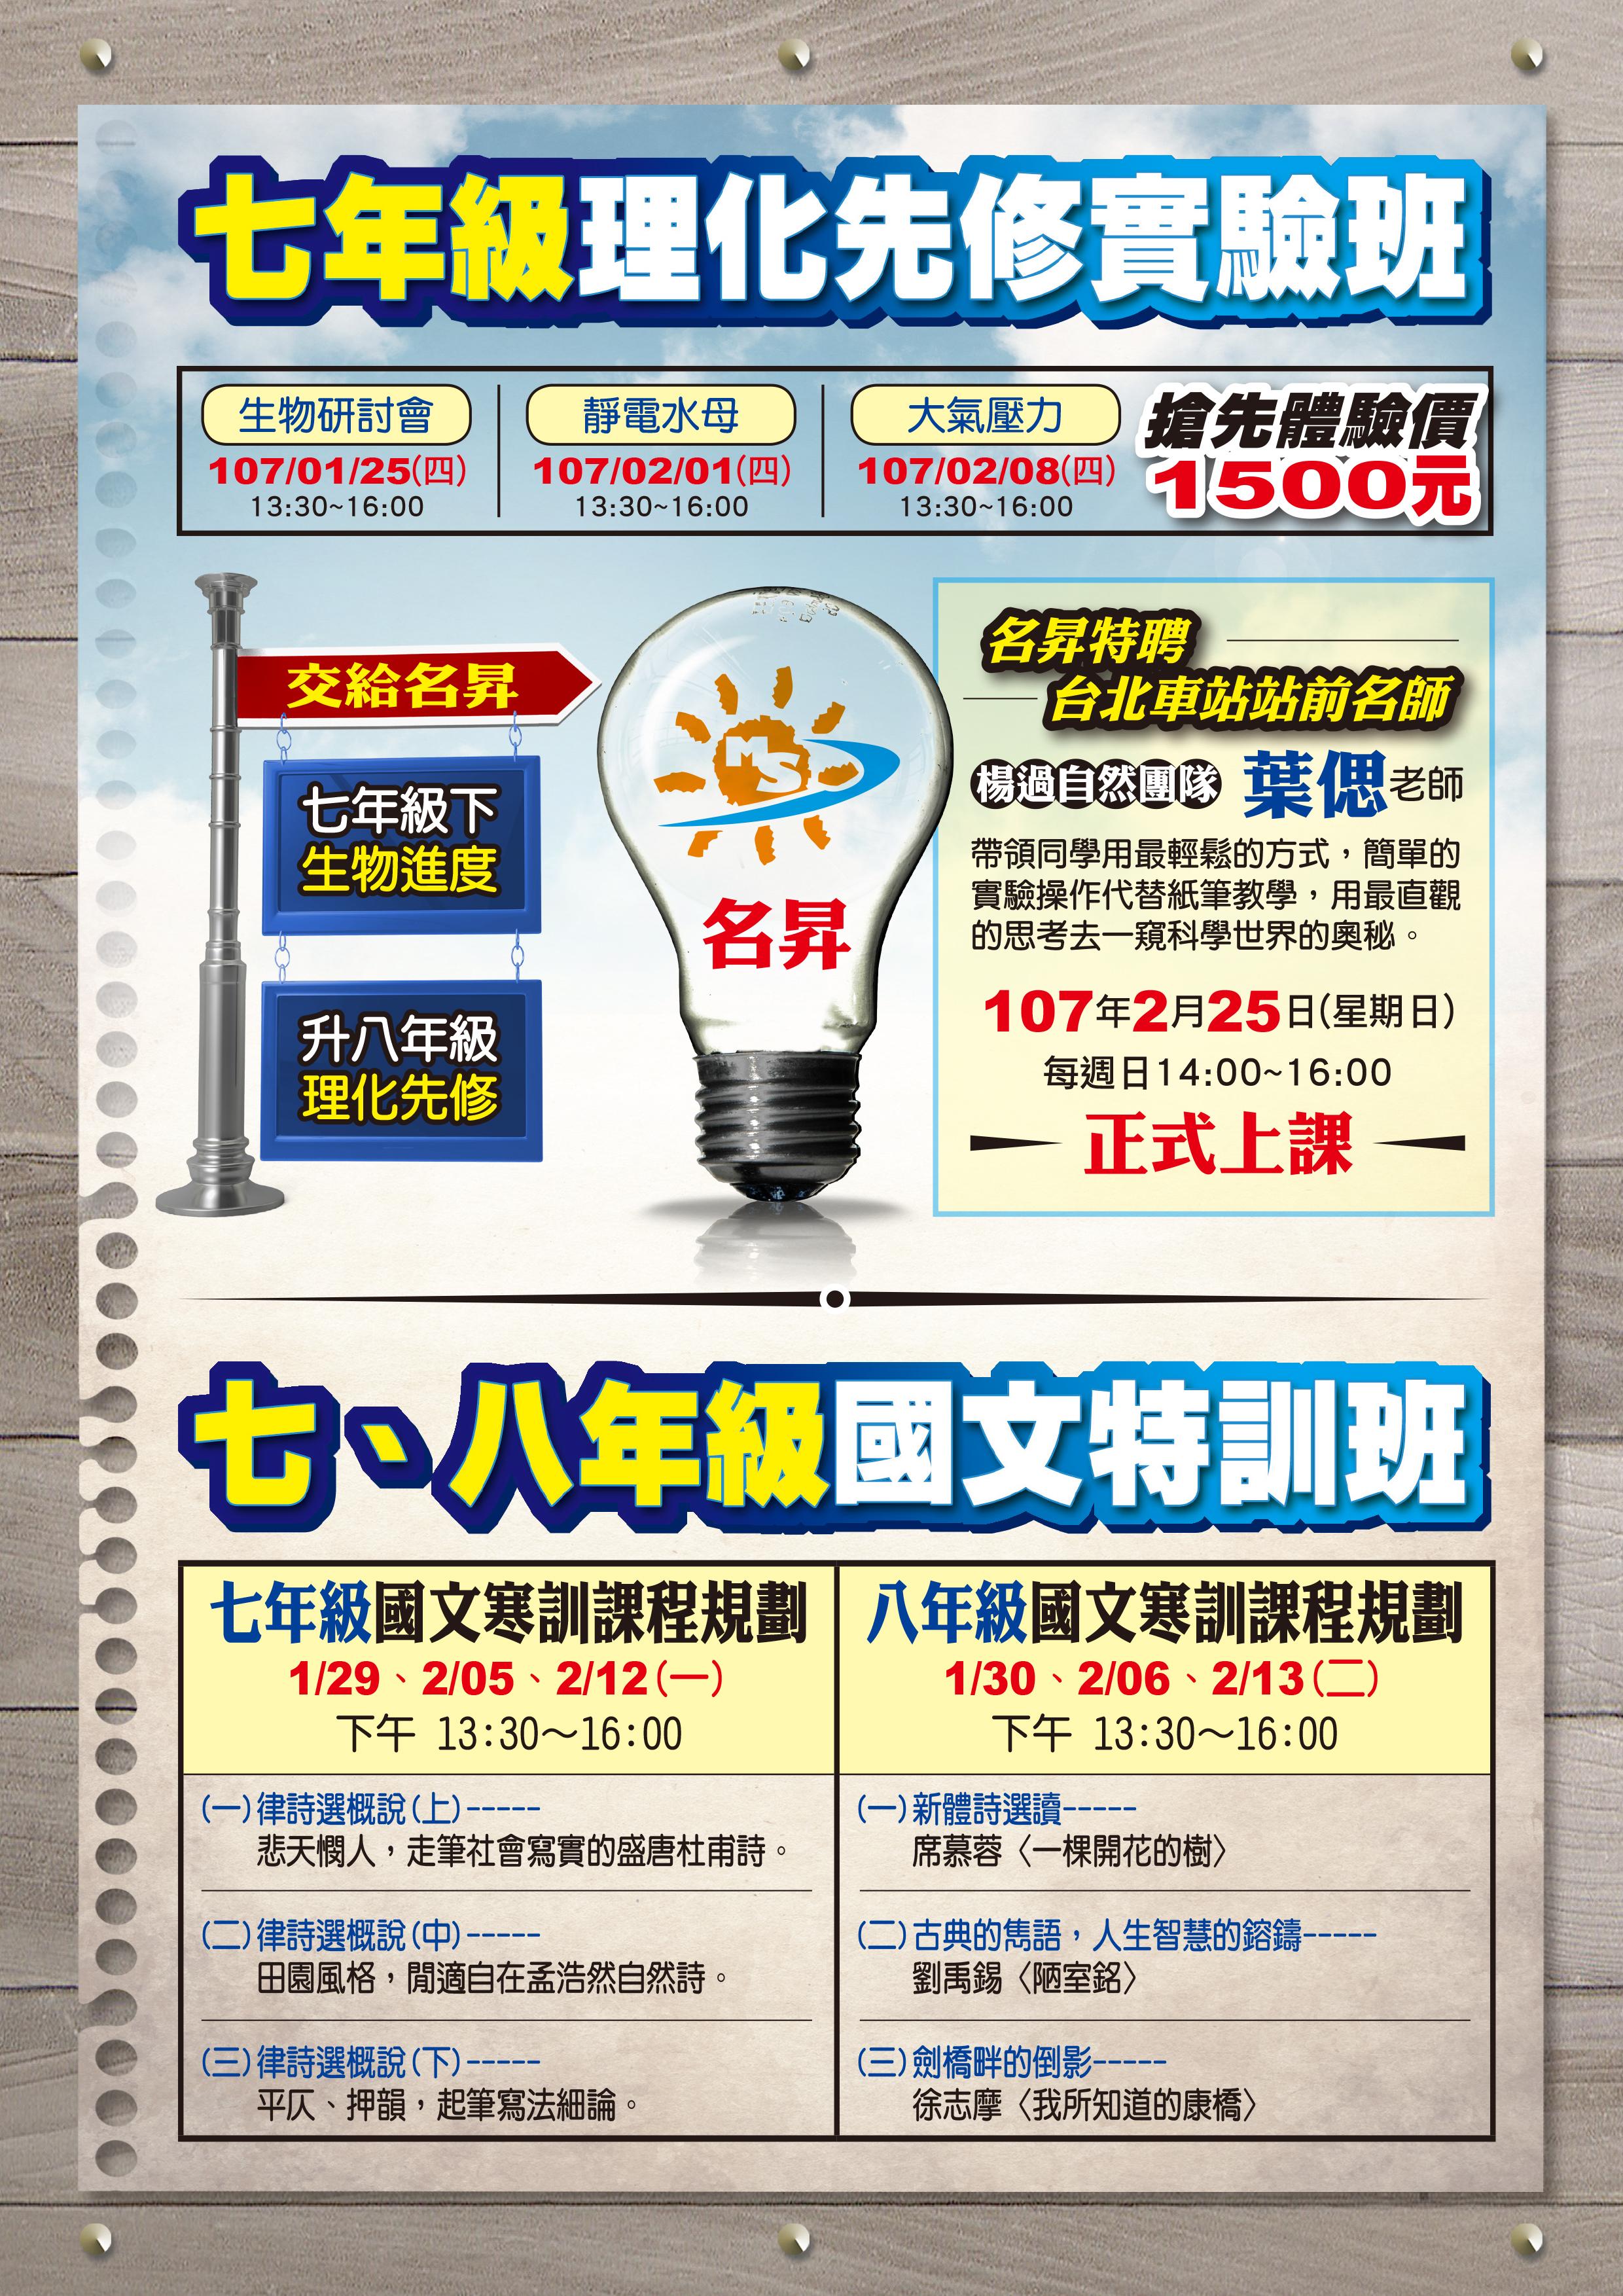 106 12 27 名昇國中部寒假DM 菊3K正背面-3.jpg